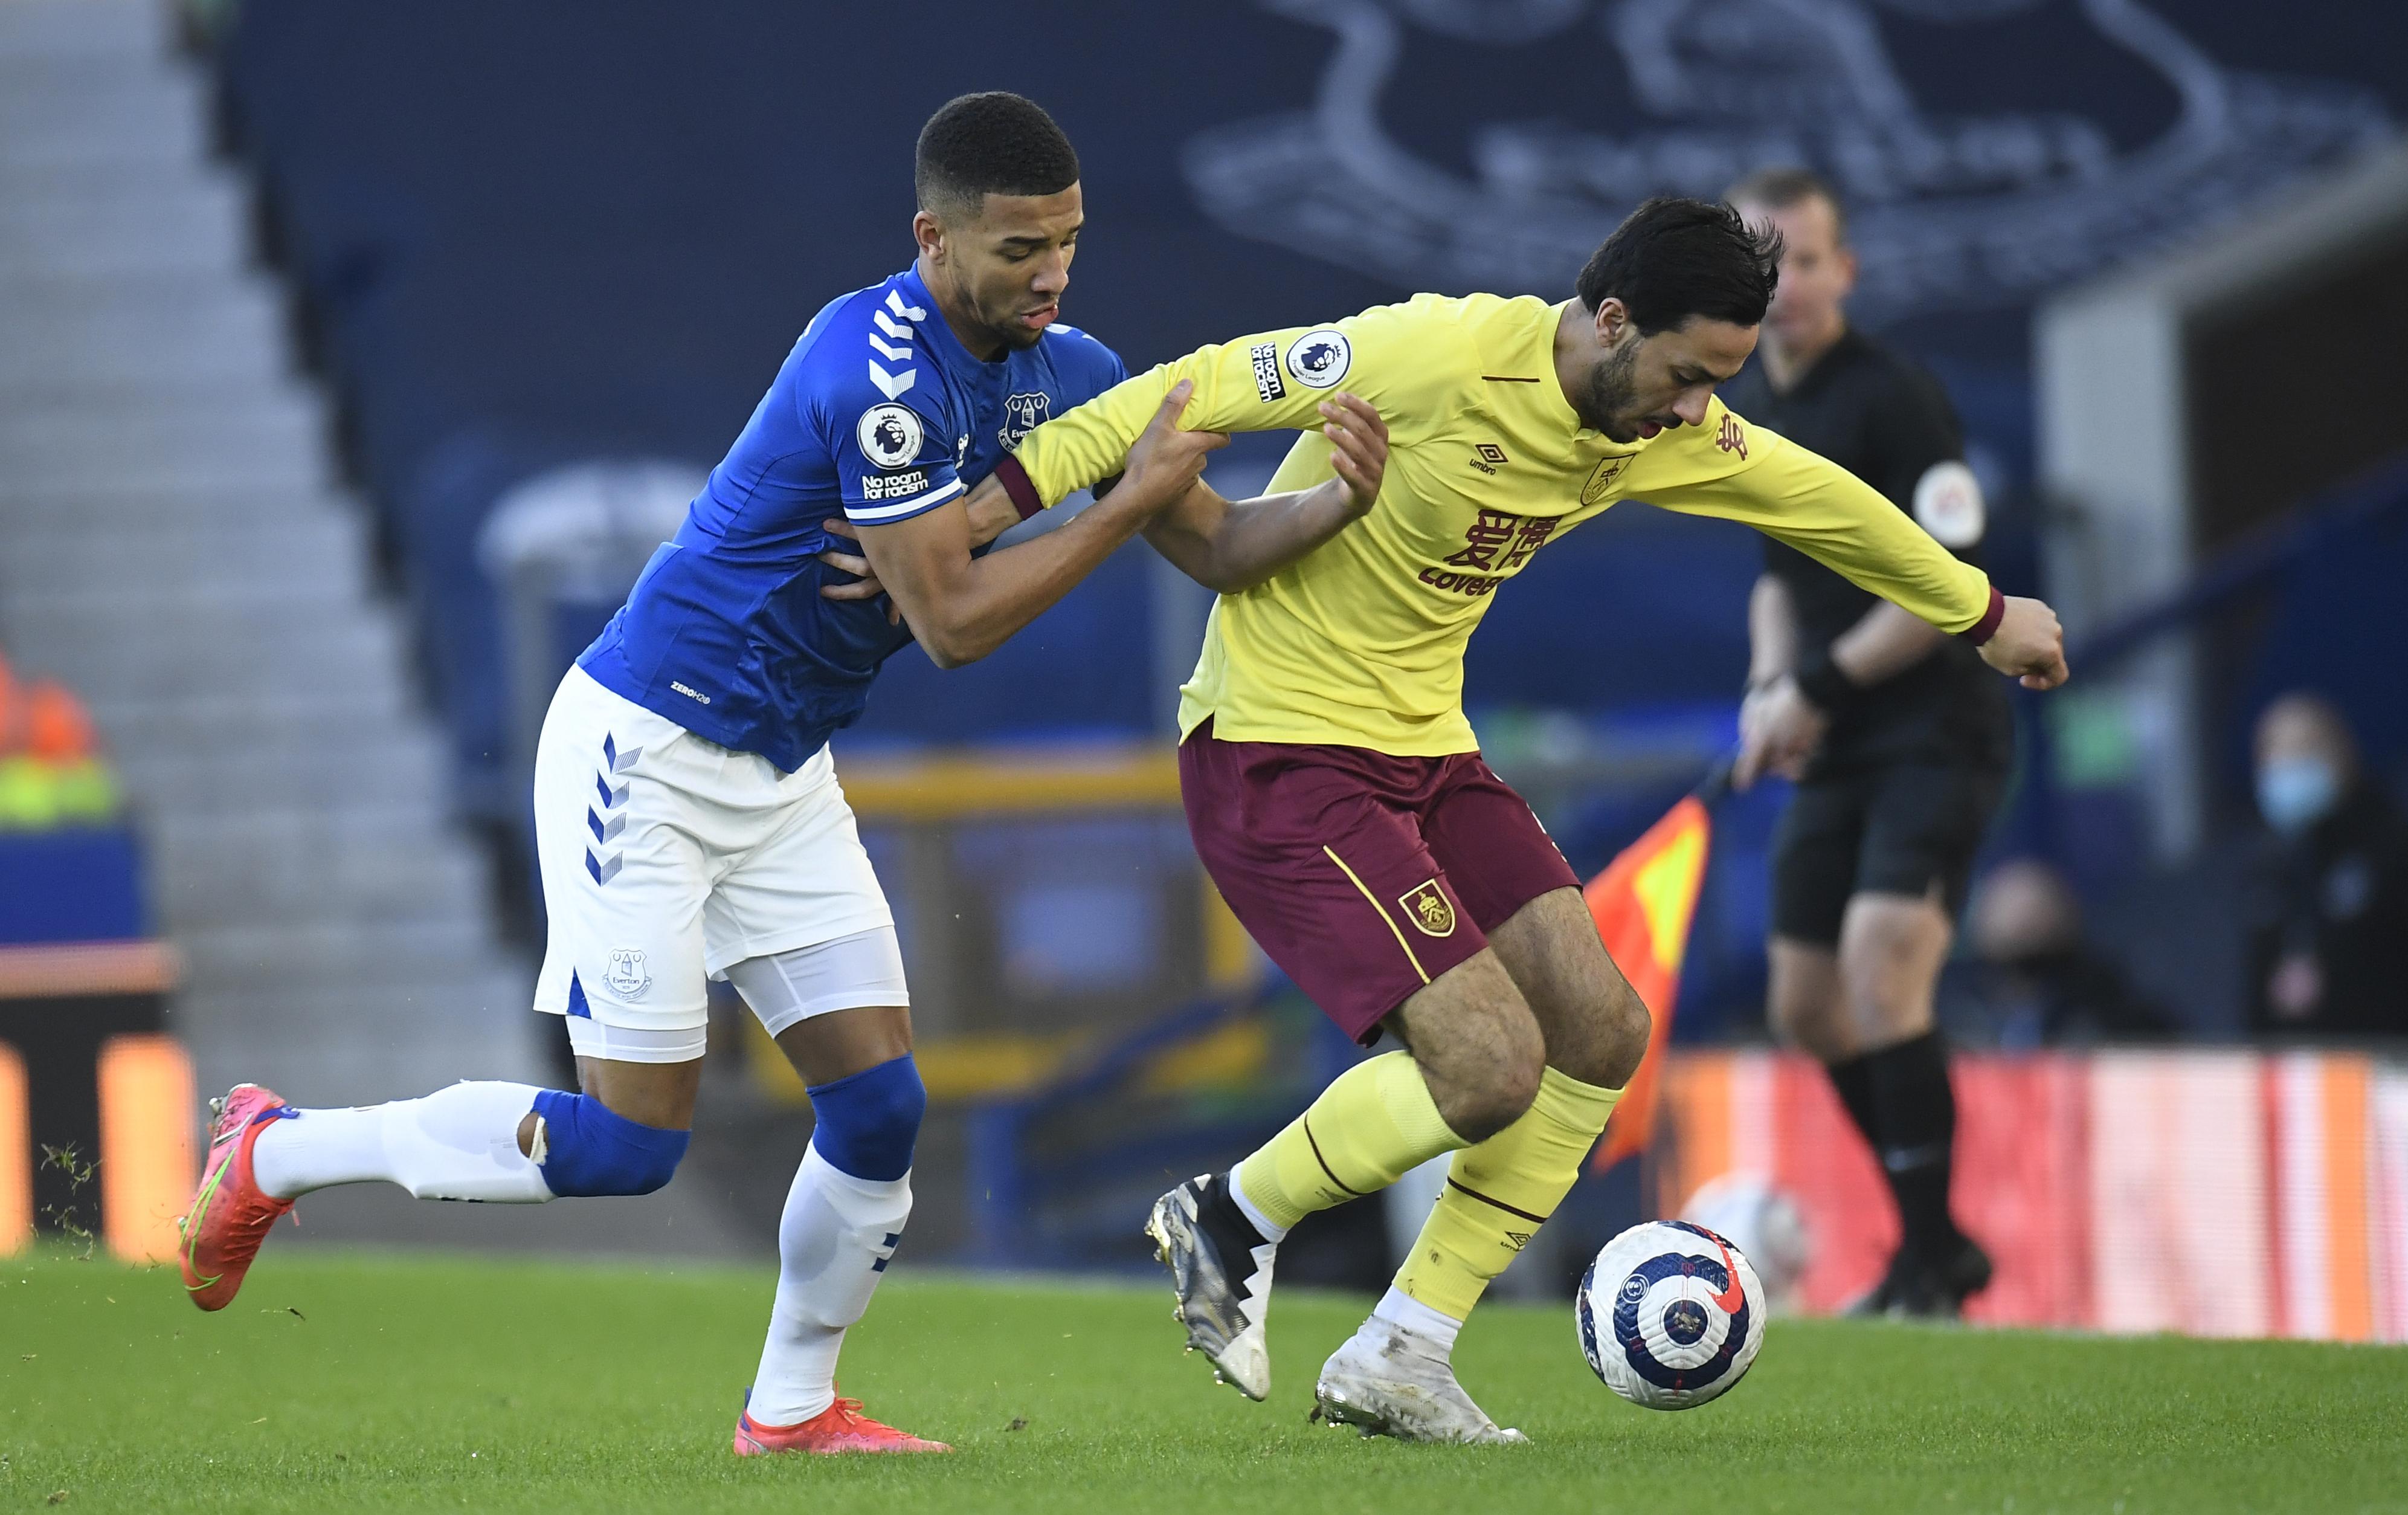 Everton v Burnley - Premier League - Goodison Park